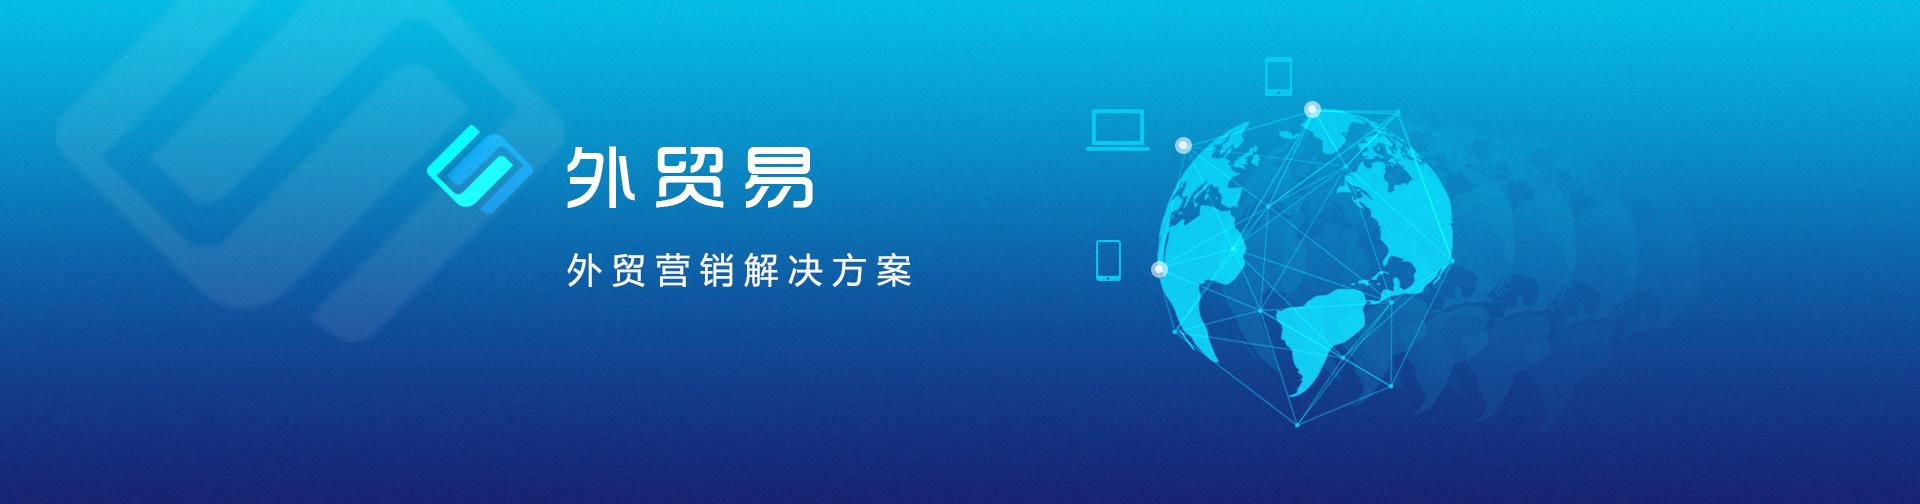 河南外贸网站建设